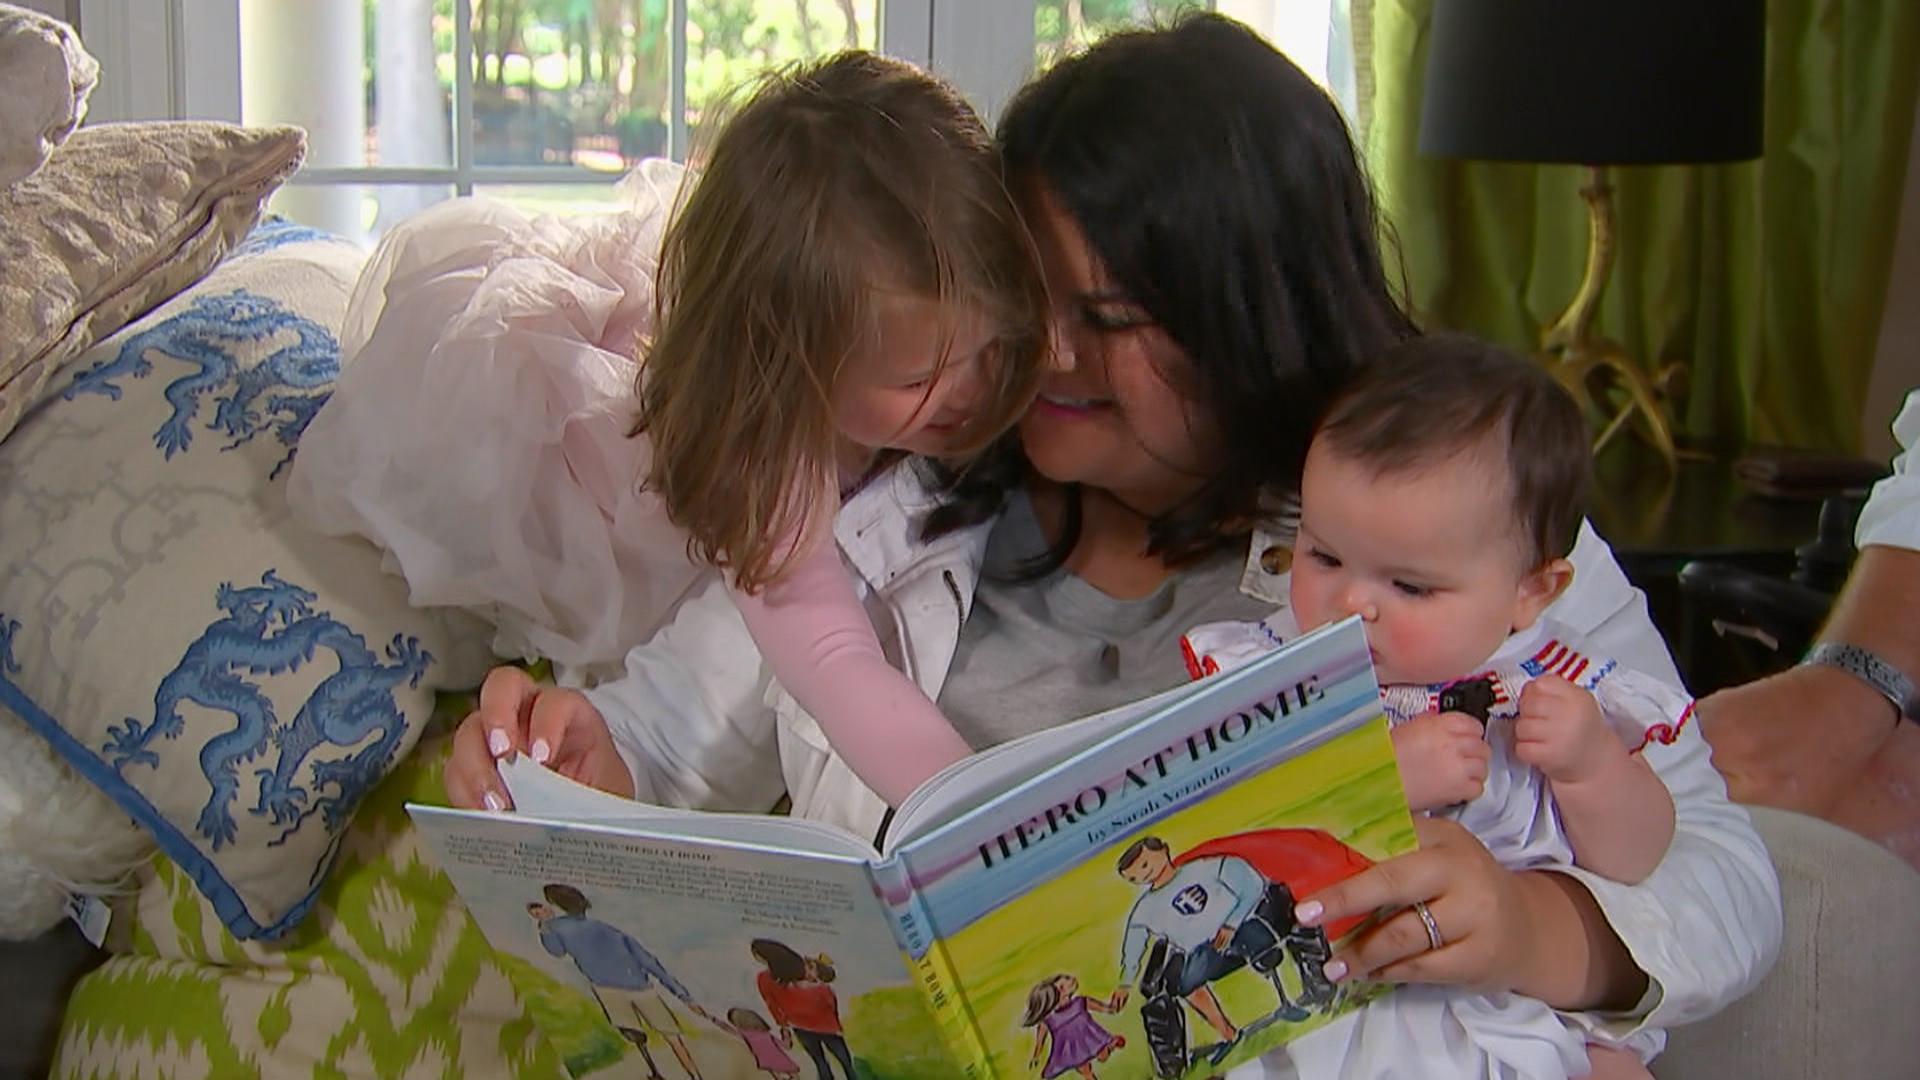 'Hero at Home' children's book helps kids understand ...